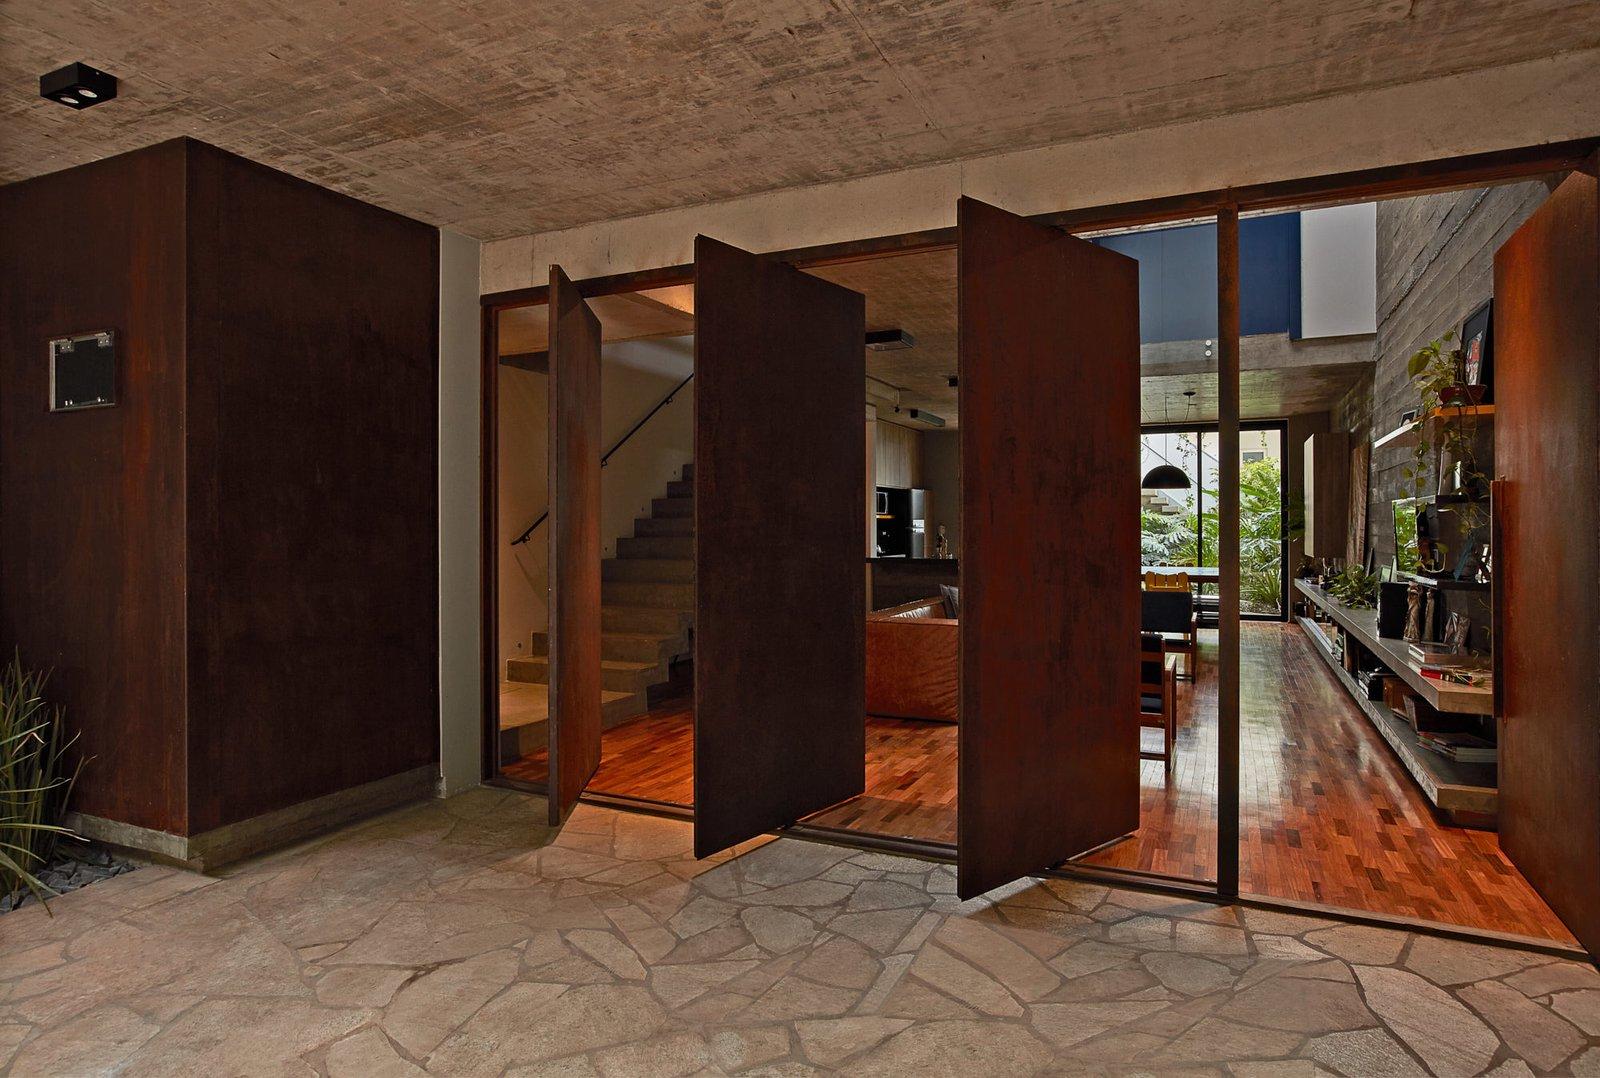 Four, pivoting Corten-steel doors help with cross ventilation.